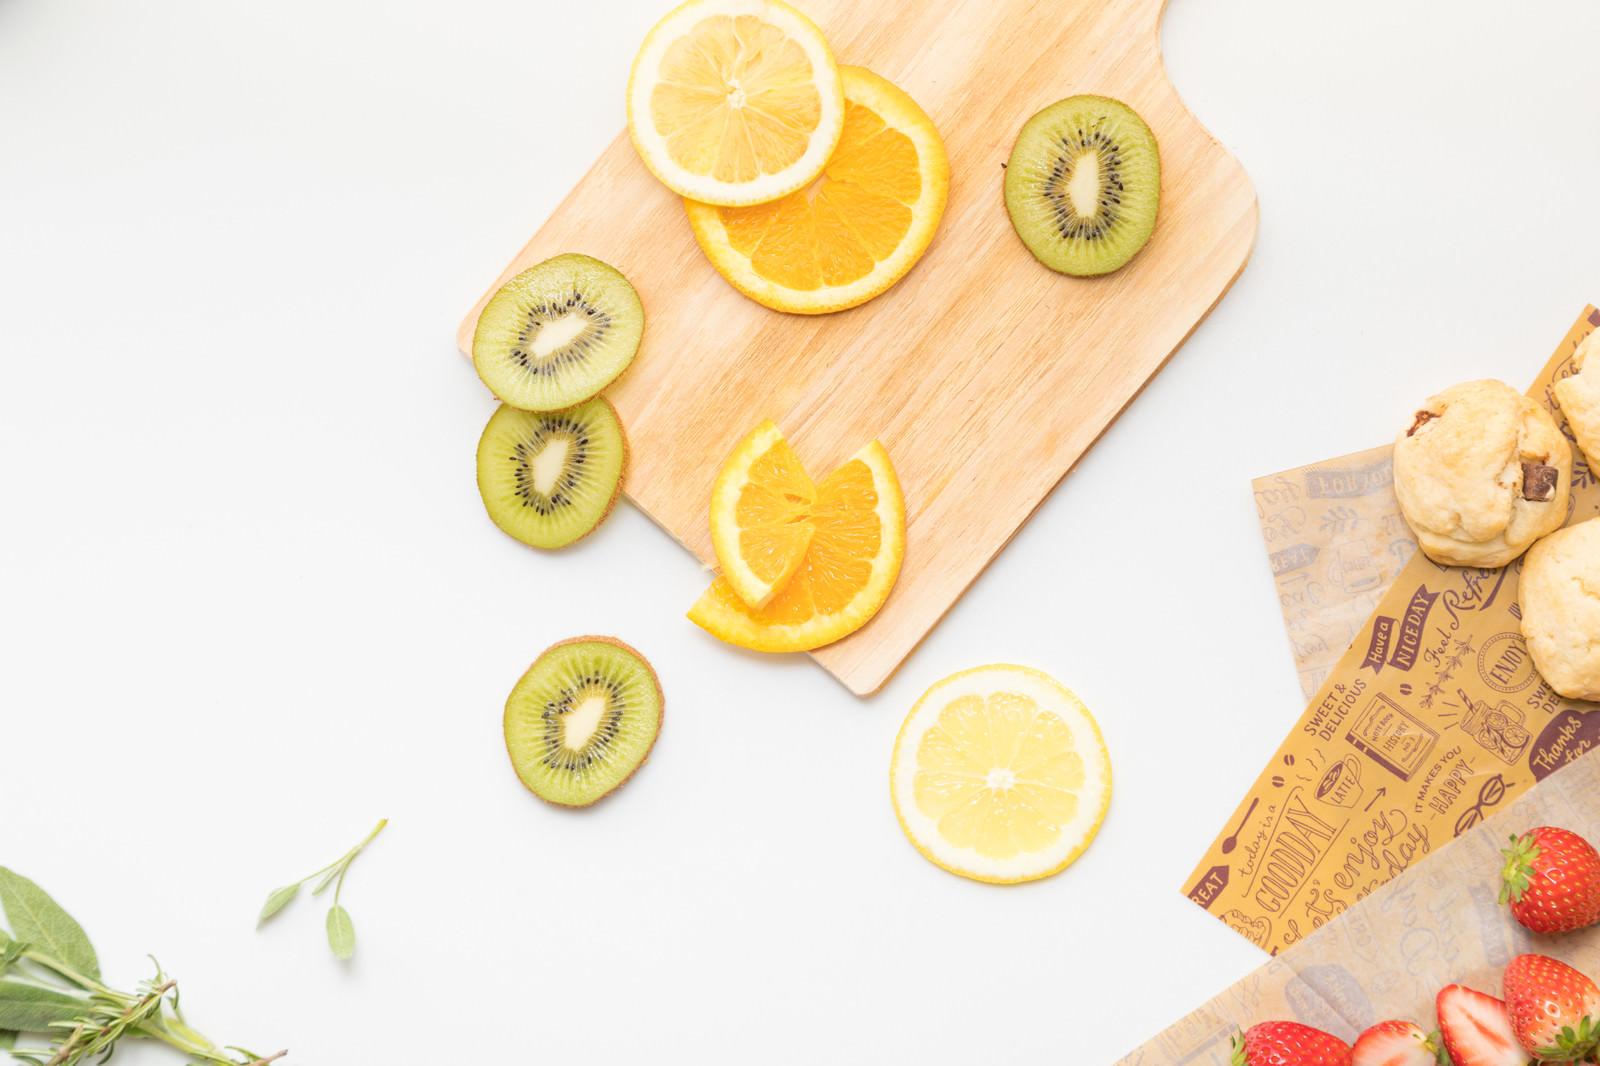 「スライスされたキウイとオレンジ」の写真